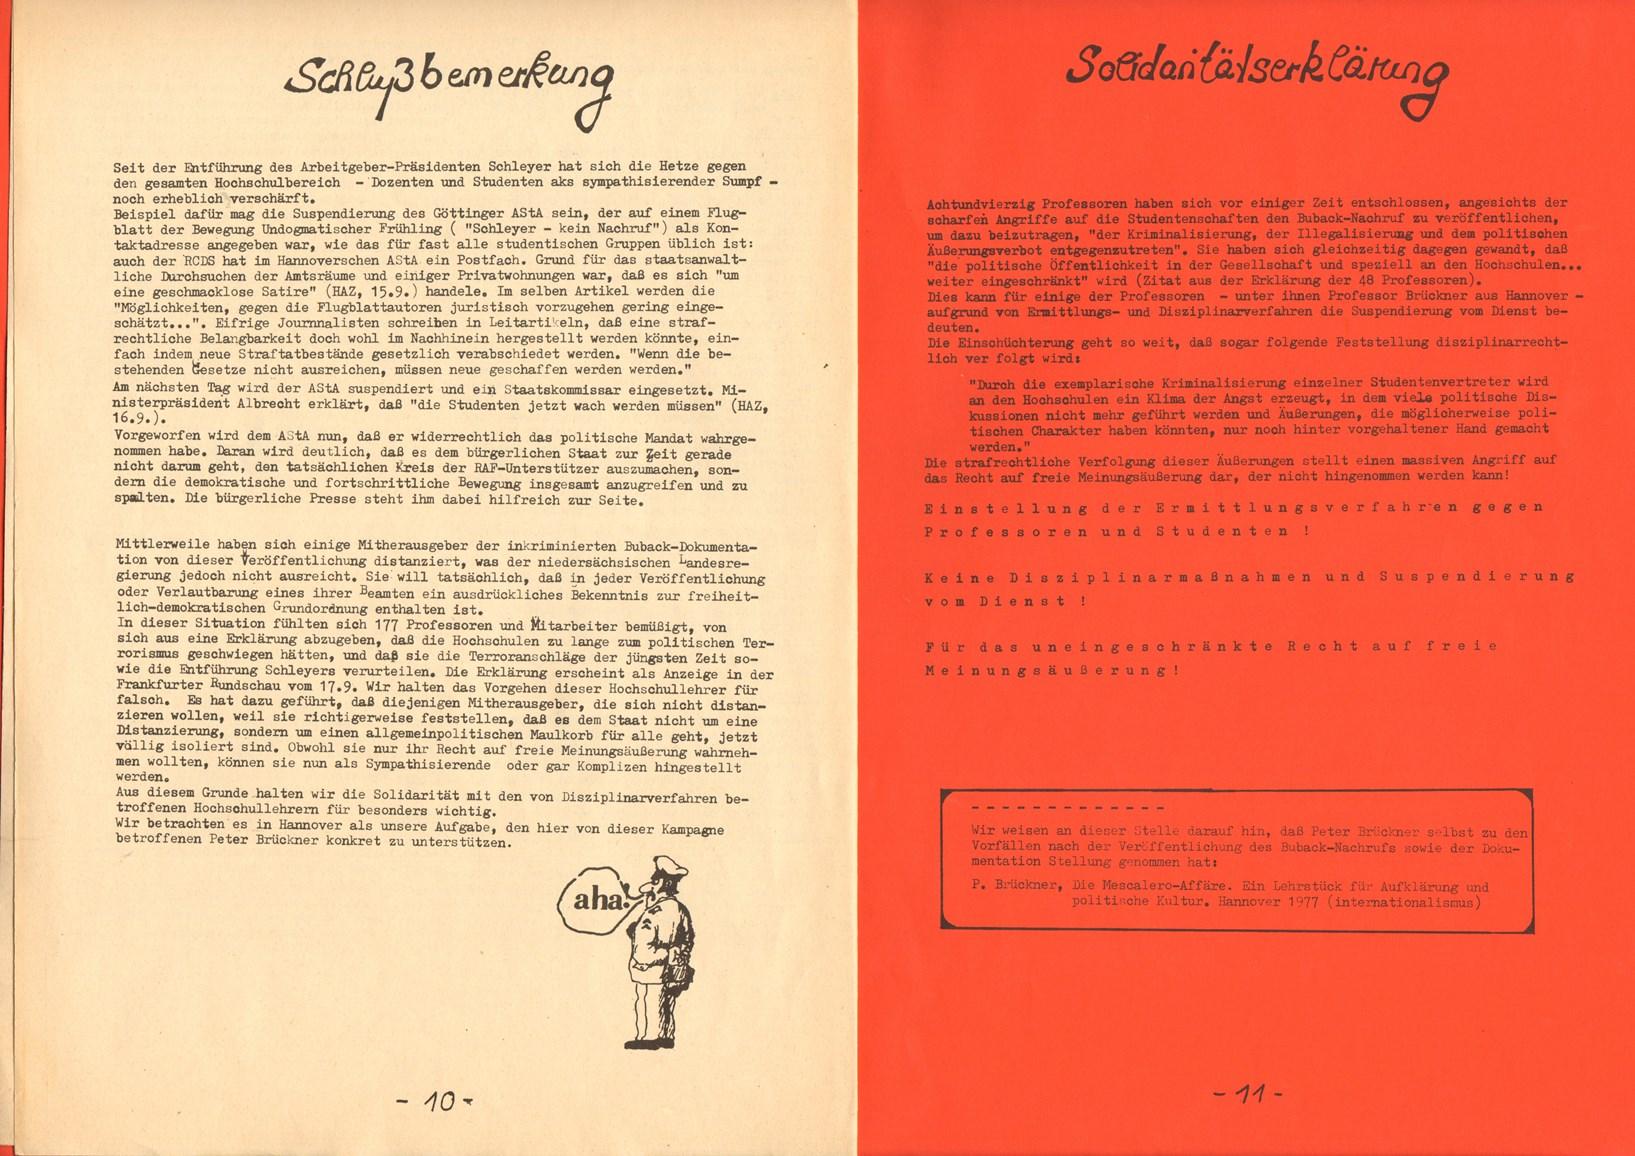 Hannover_Anti_Repressions_Info_02_1977_06